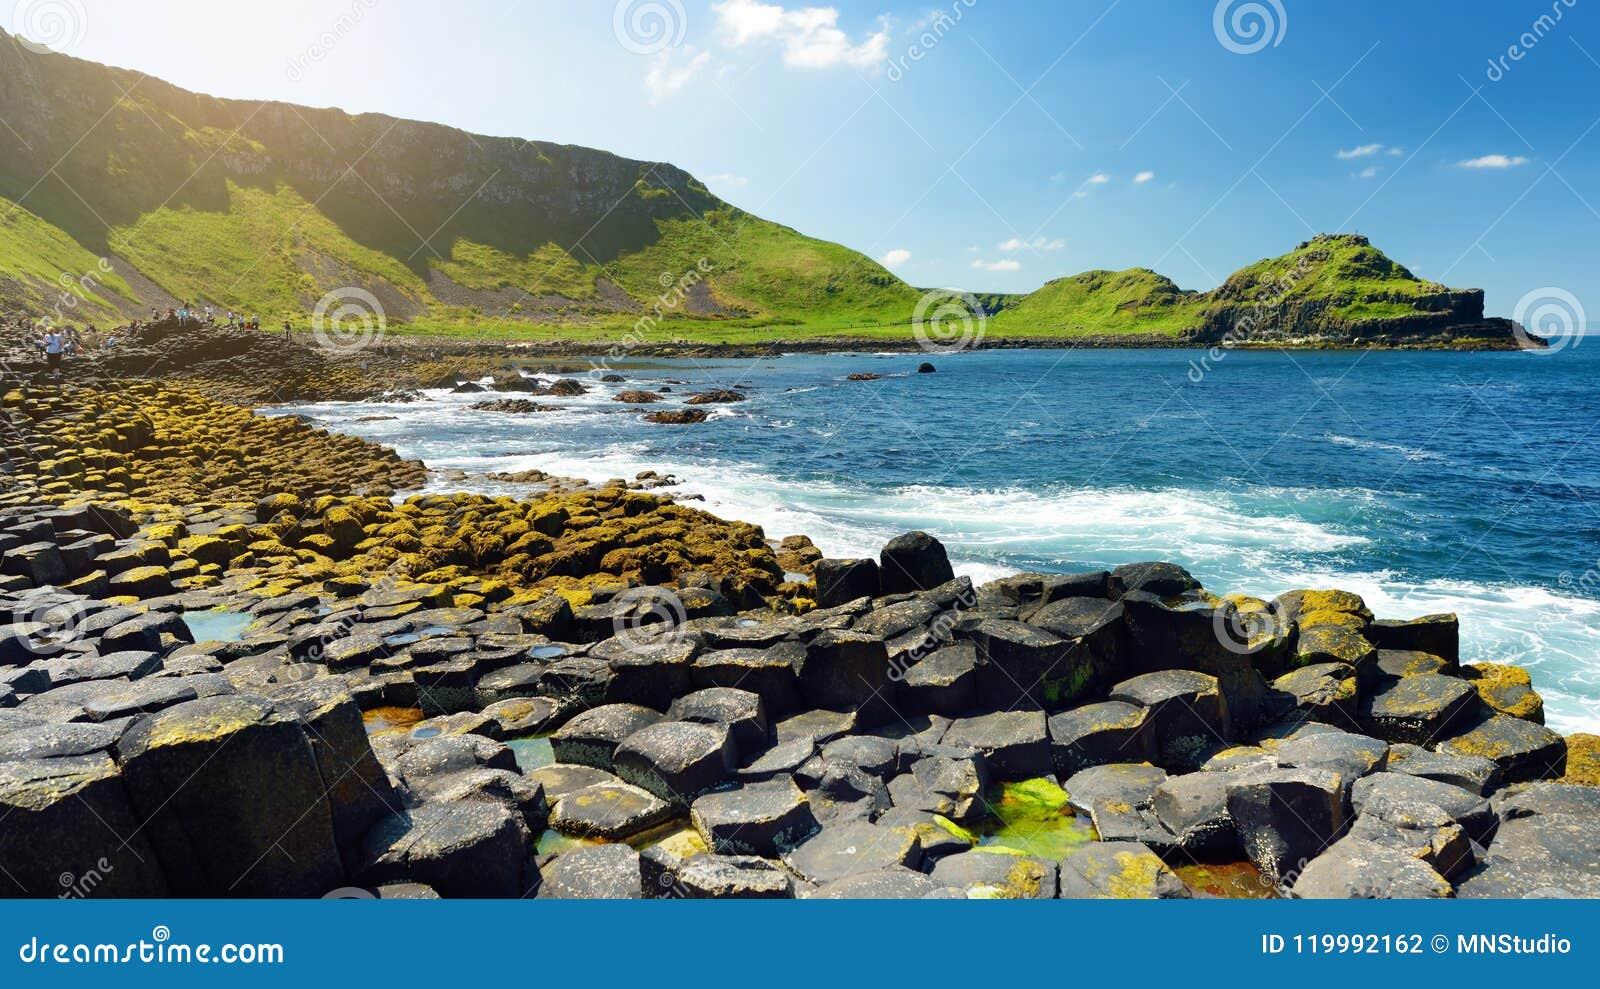 巨人堤道,六角玄武岩石头区域,创造由古老火山的裂痕爆发,安特里姆郡,北爱尔兰